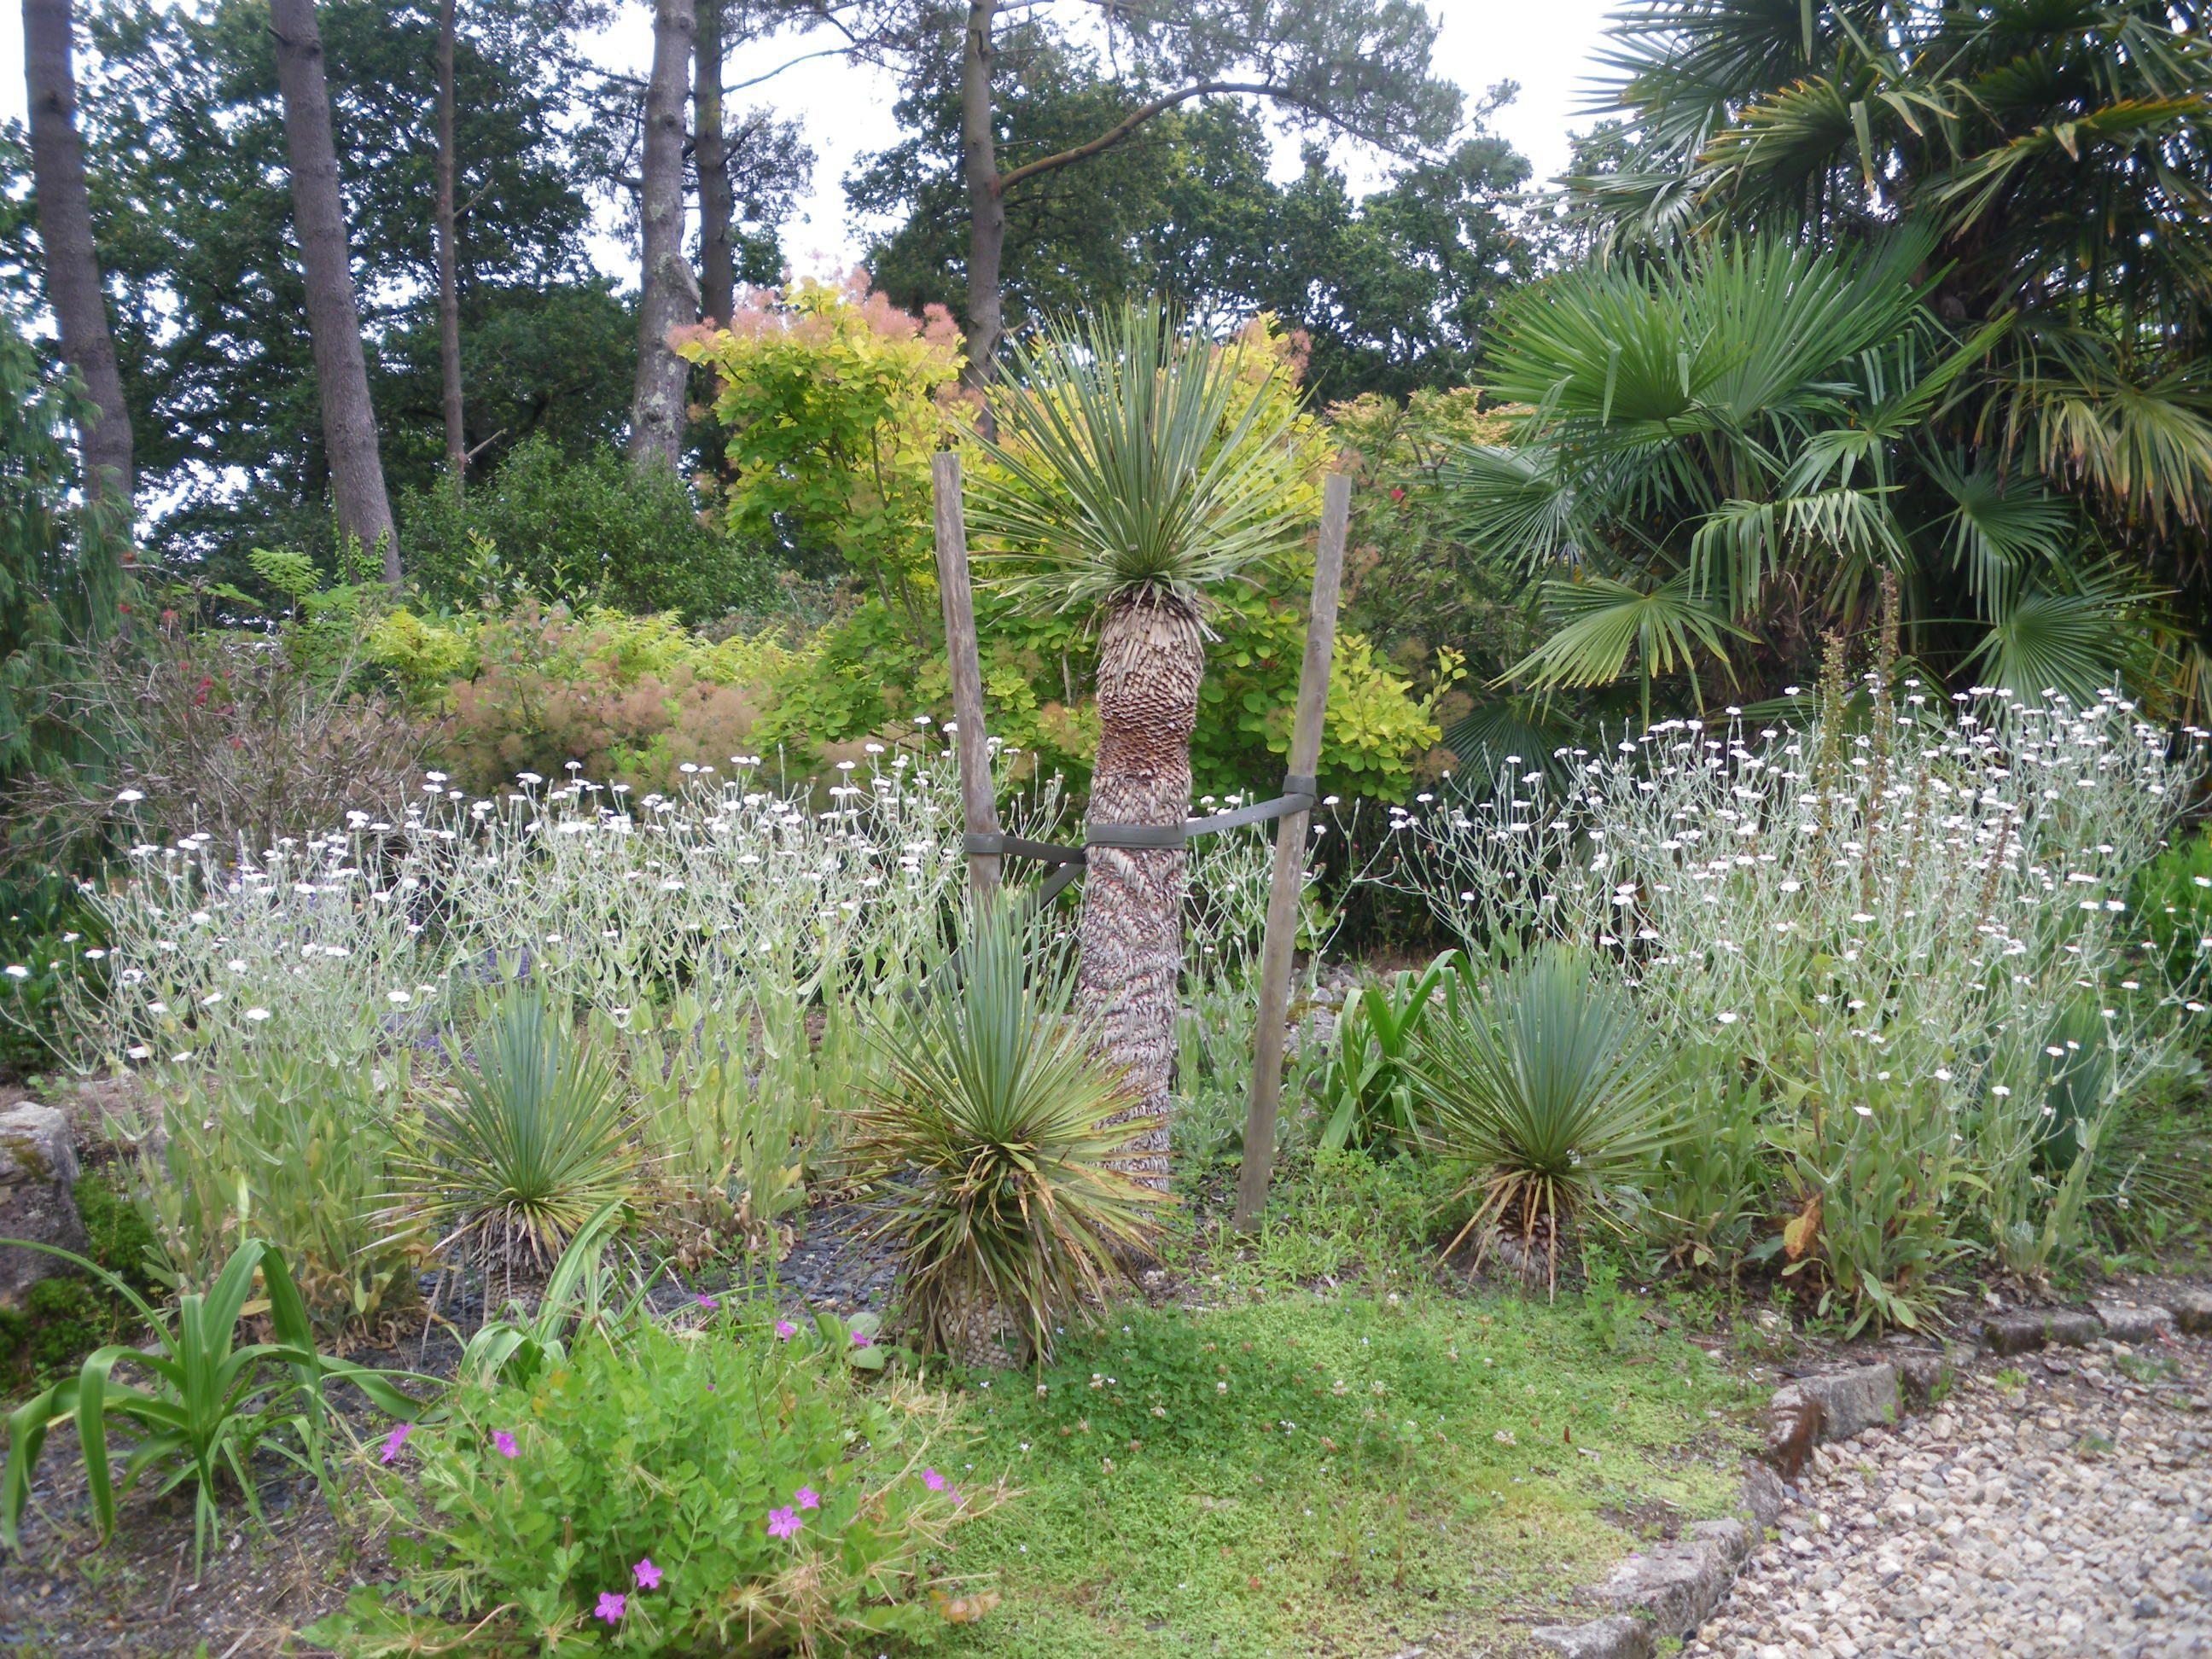 Parc botanique de cornouaille finist re bretagne - Jardin botanique de cornouaille ...